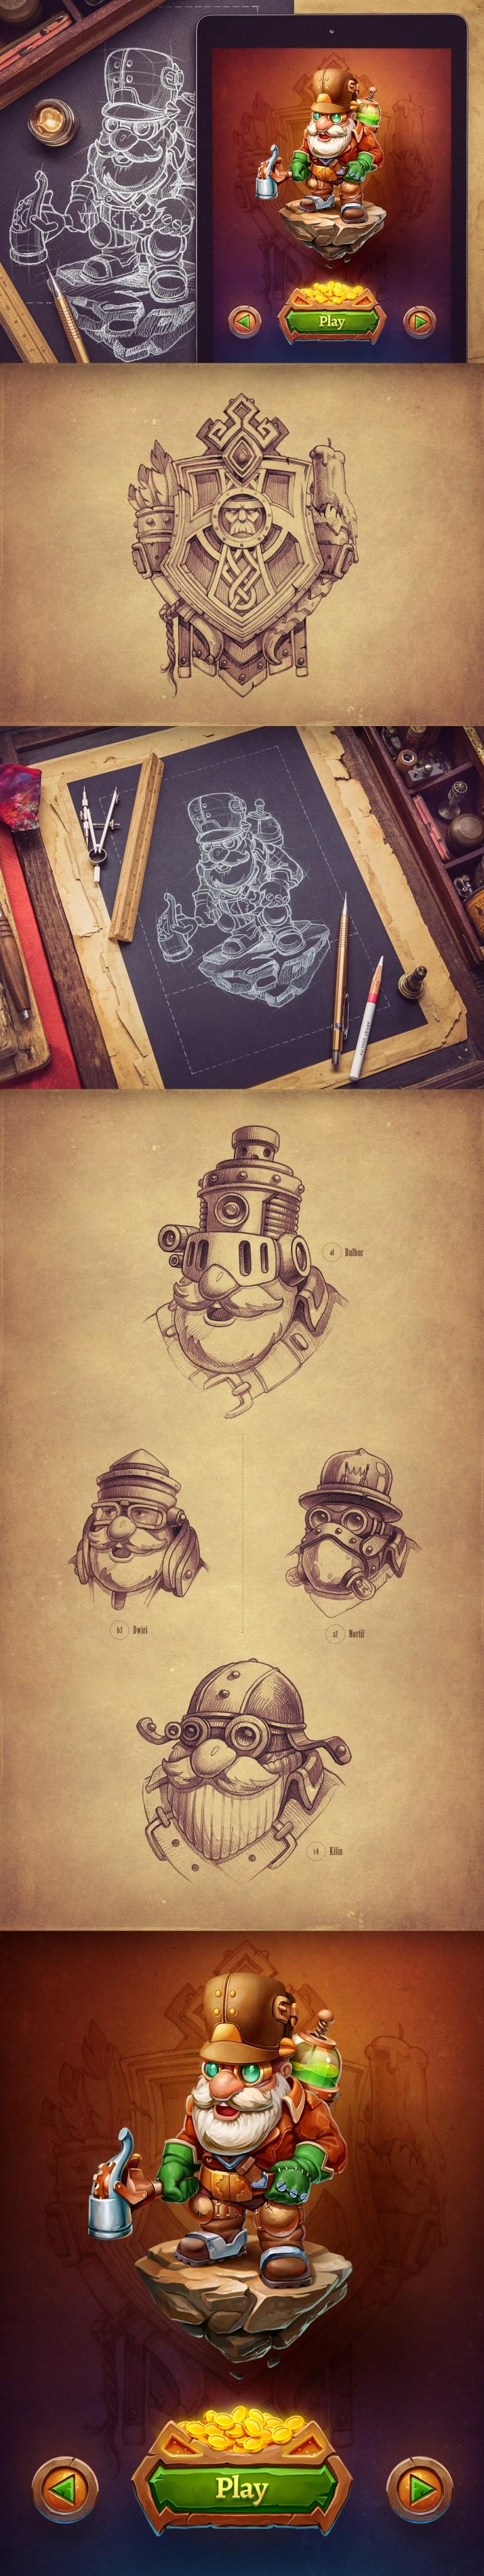 Dwunn (Character design, concept art)